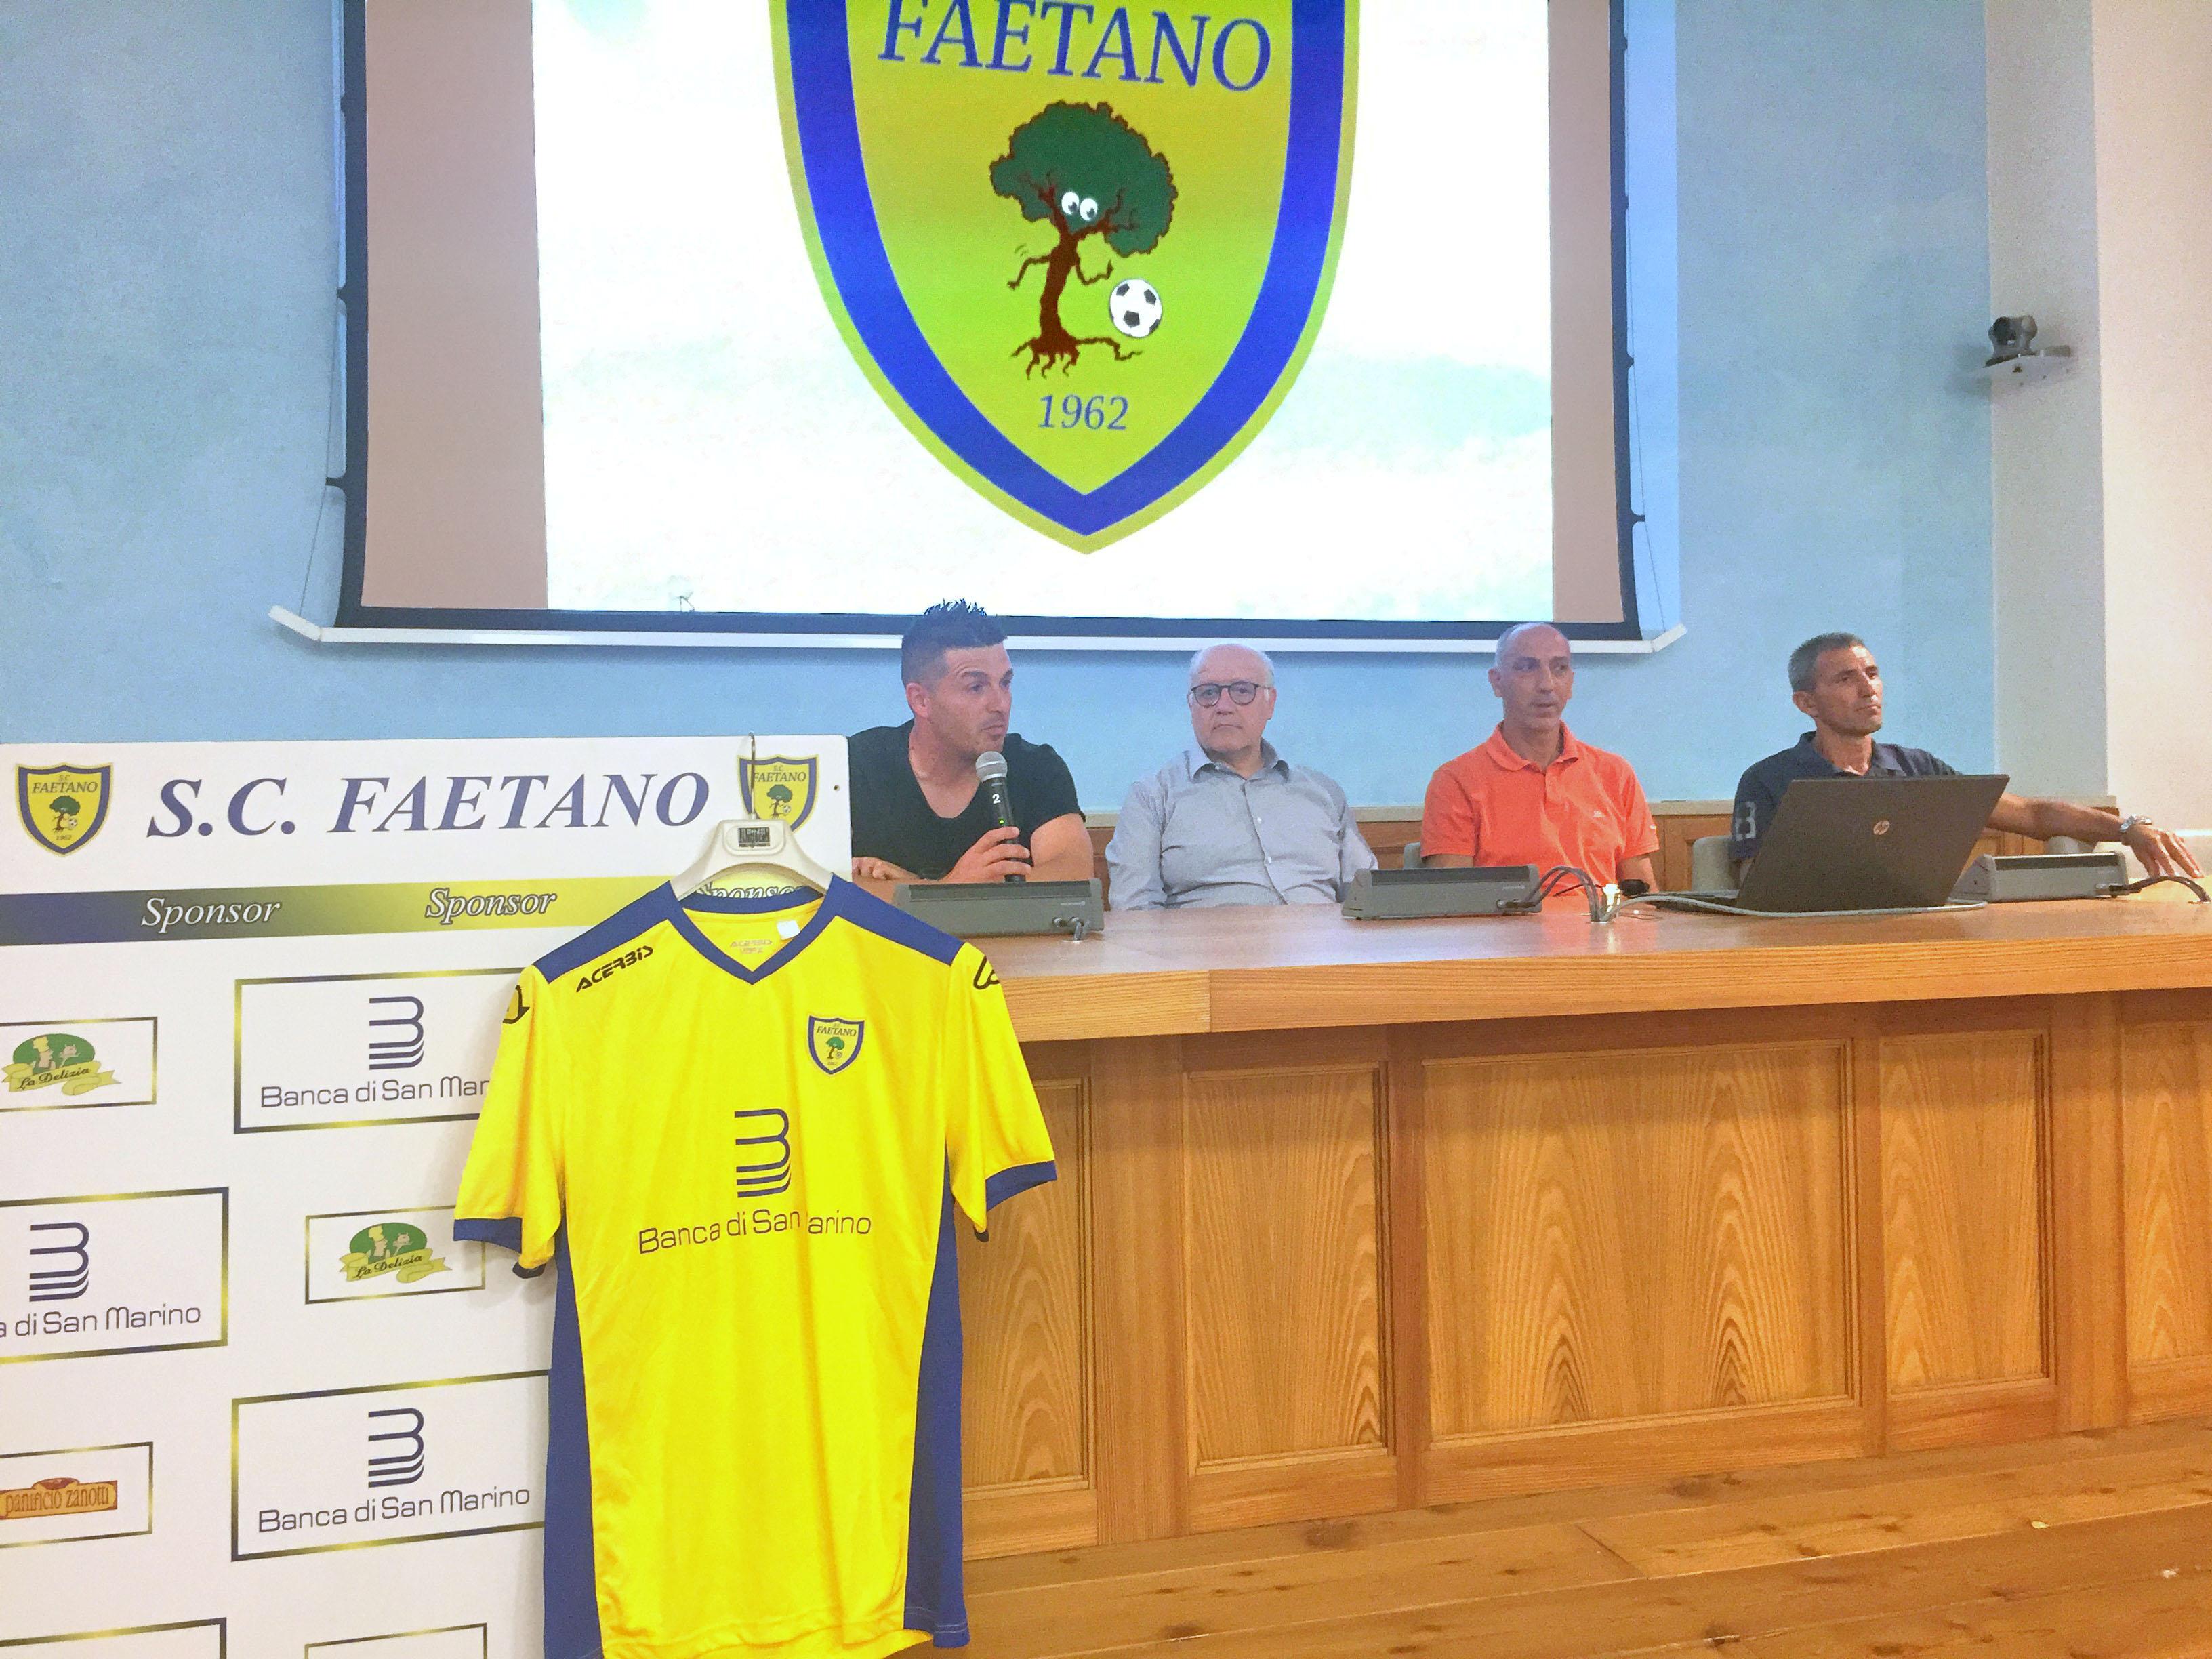 Calciomercato, 4 innesti nel Faetano per raggiungere l'obiettivo playoff